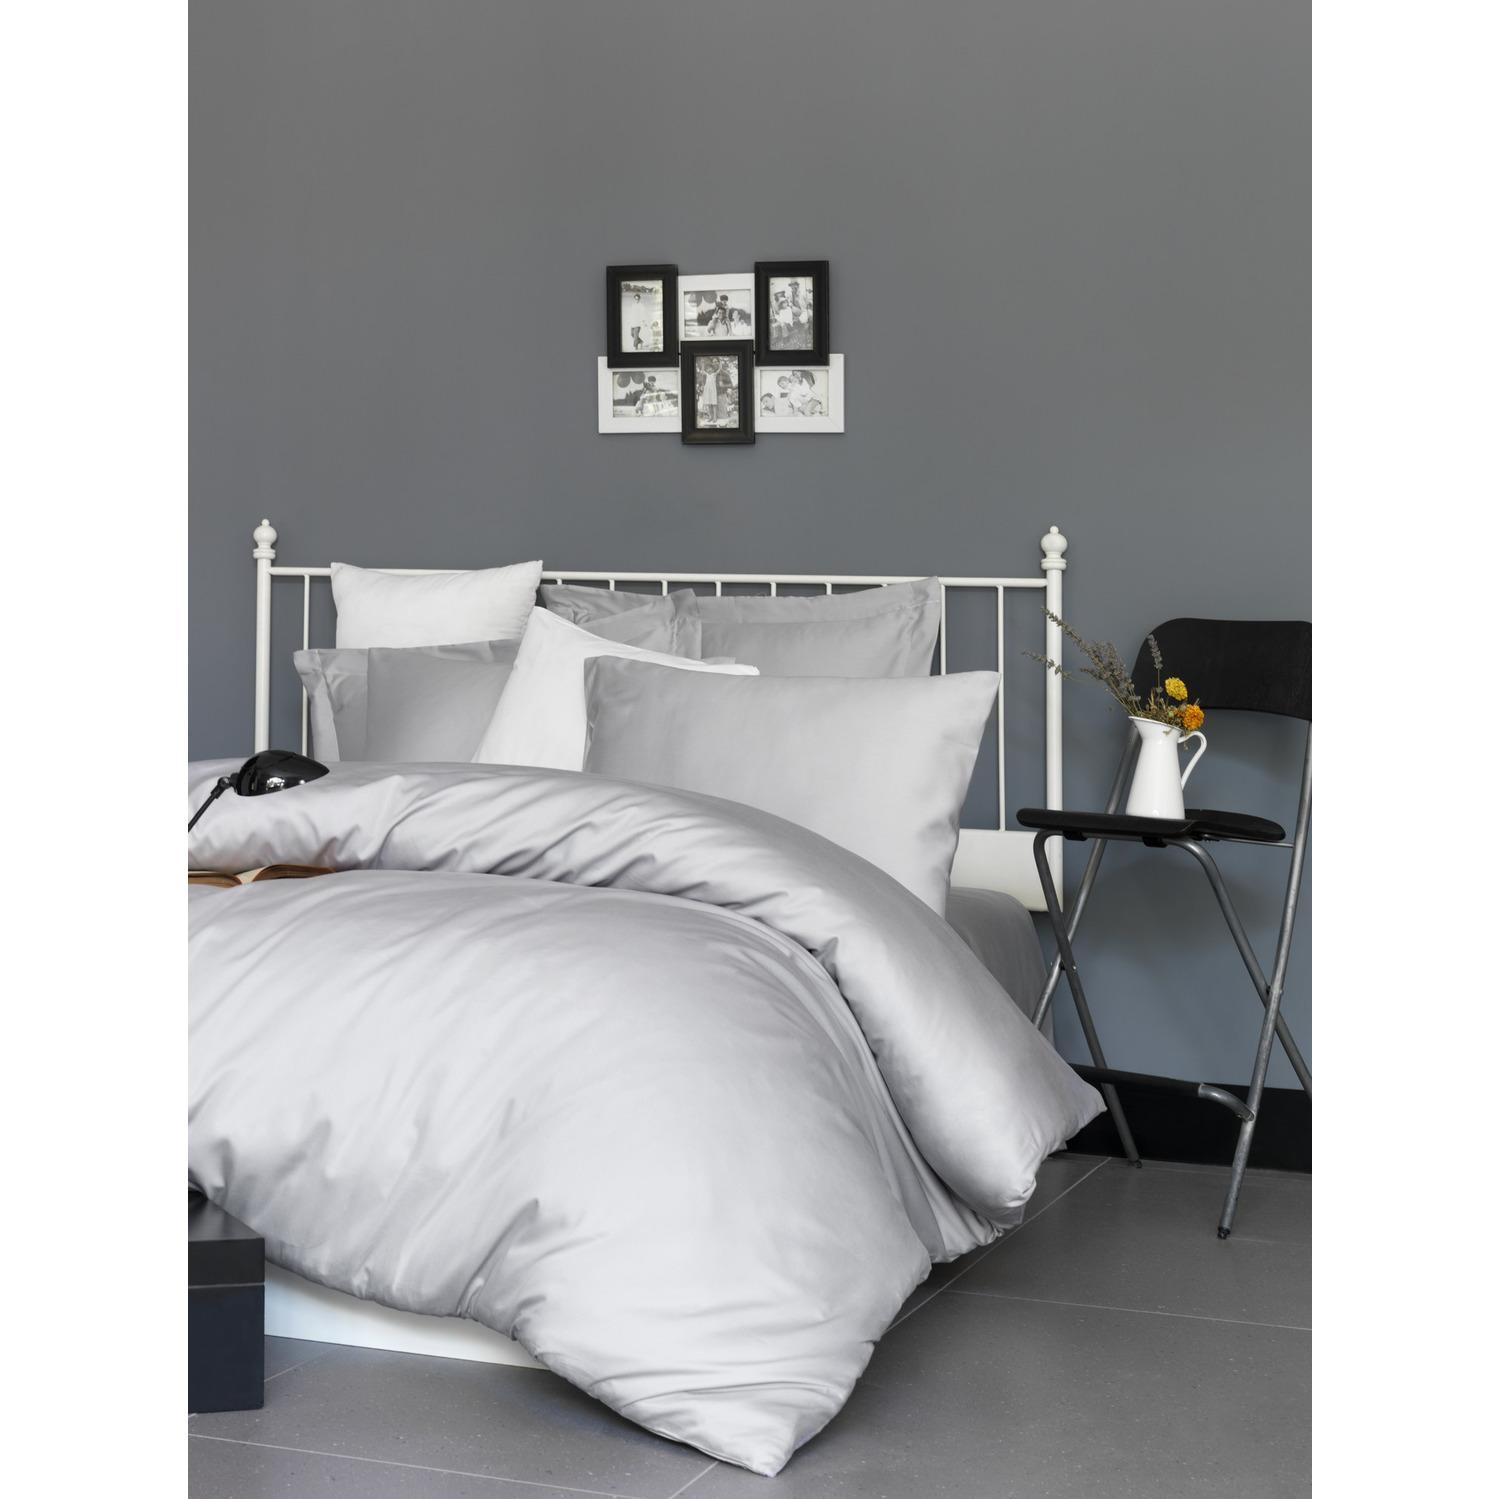 Bettbezug-Set Super King De Light Grey I Hellgrau - 260x220cm